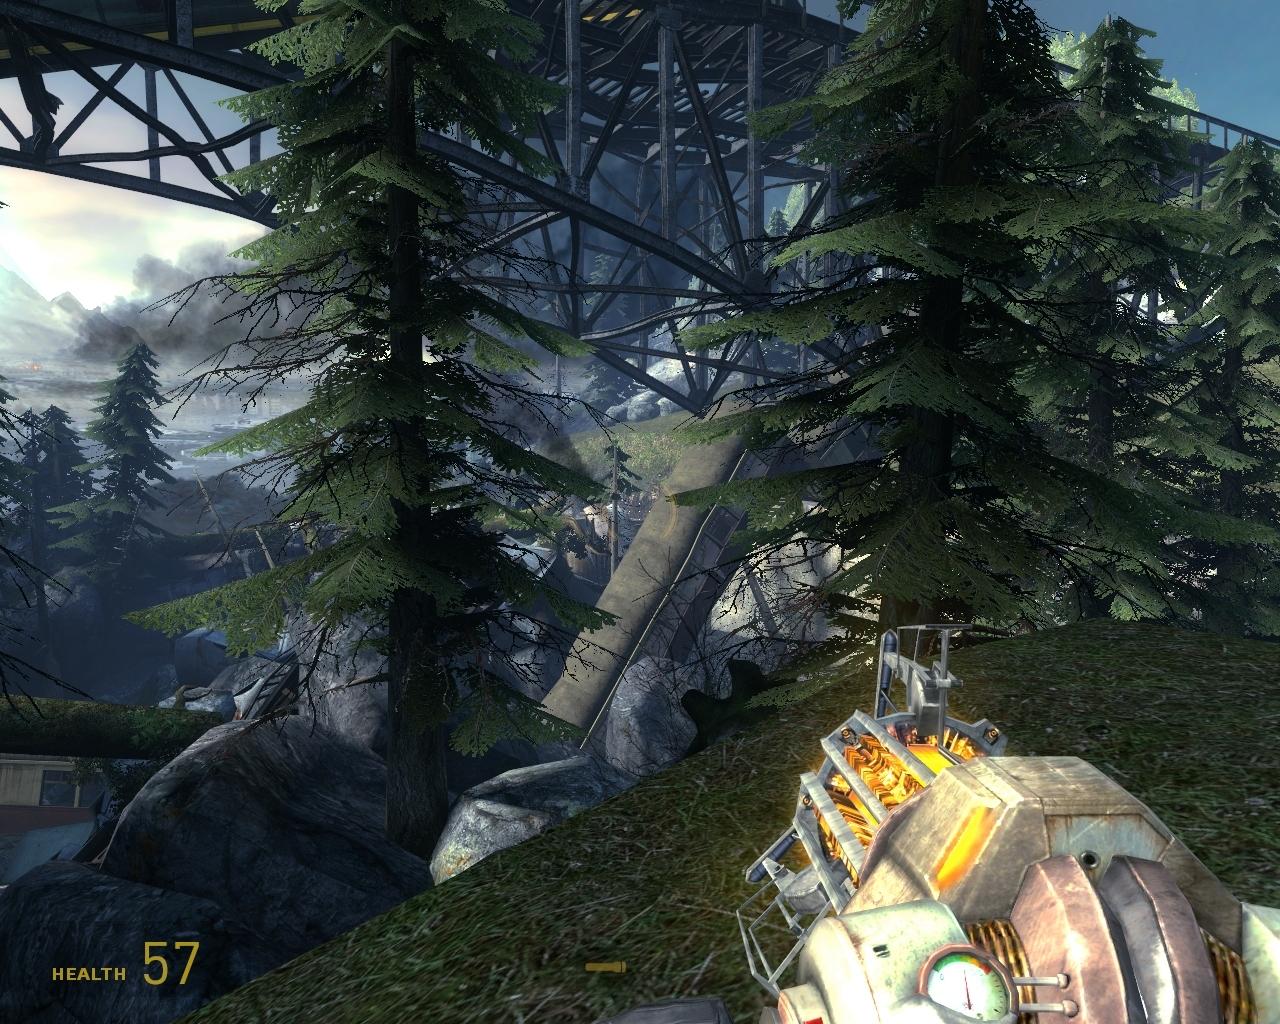 ep2_outland_010014.jpg - Half-Life 2